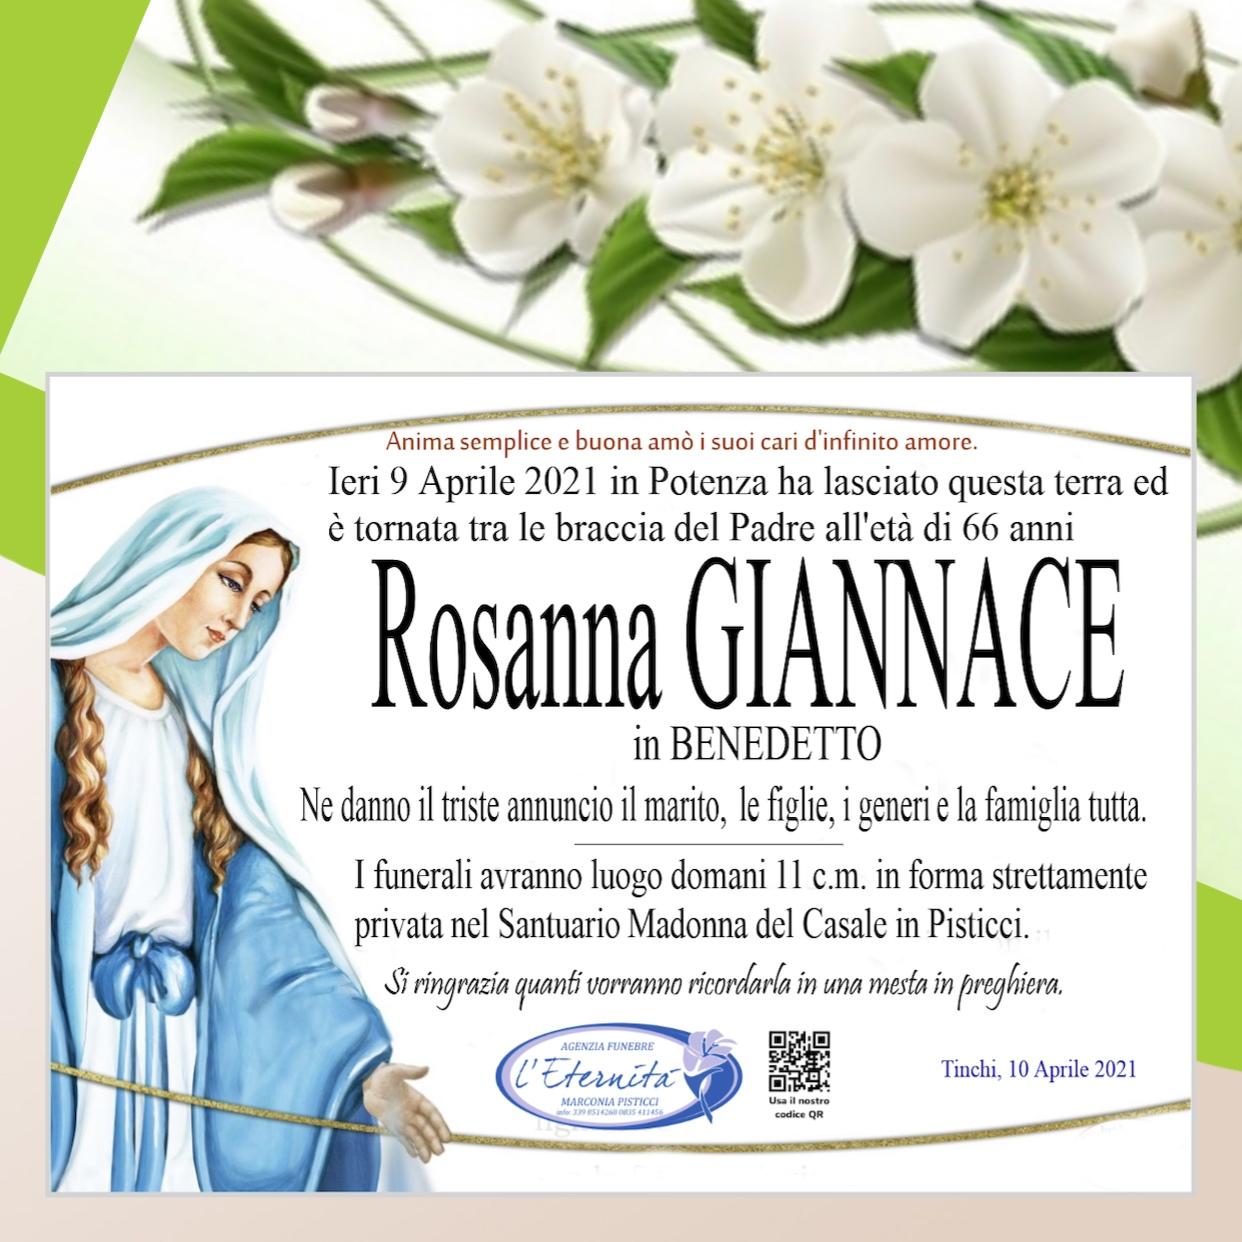 Rosanna GIANNACE